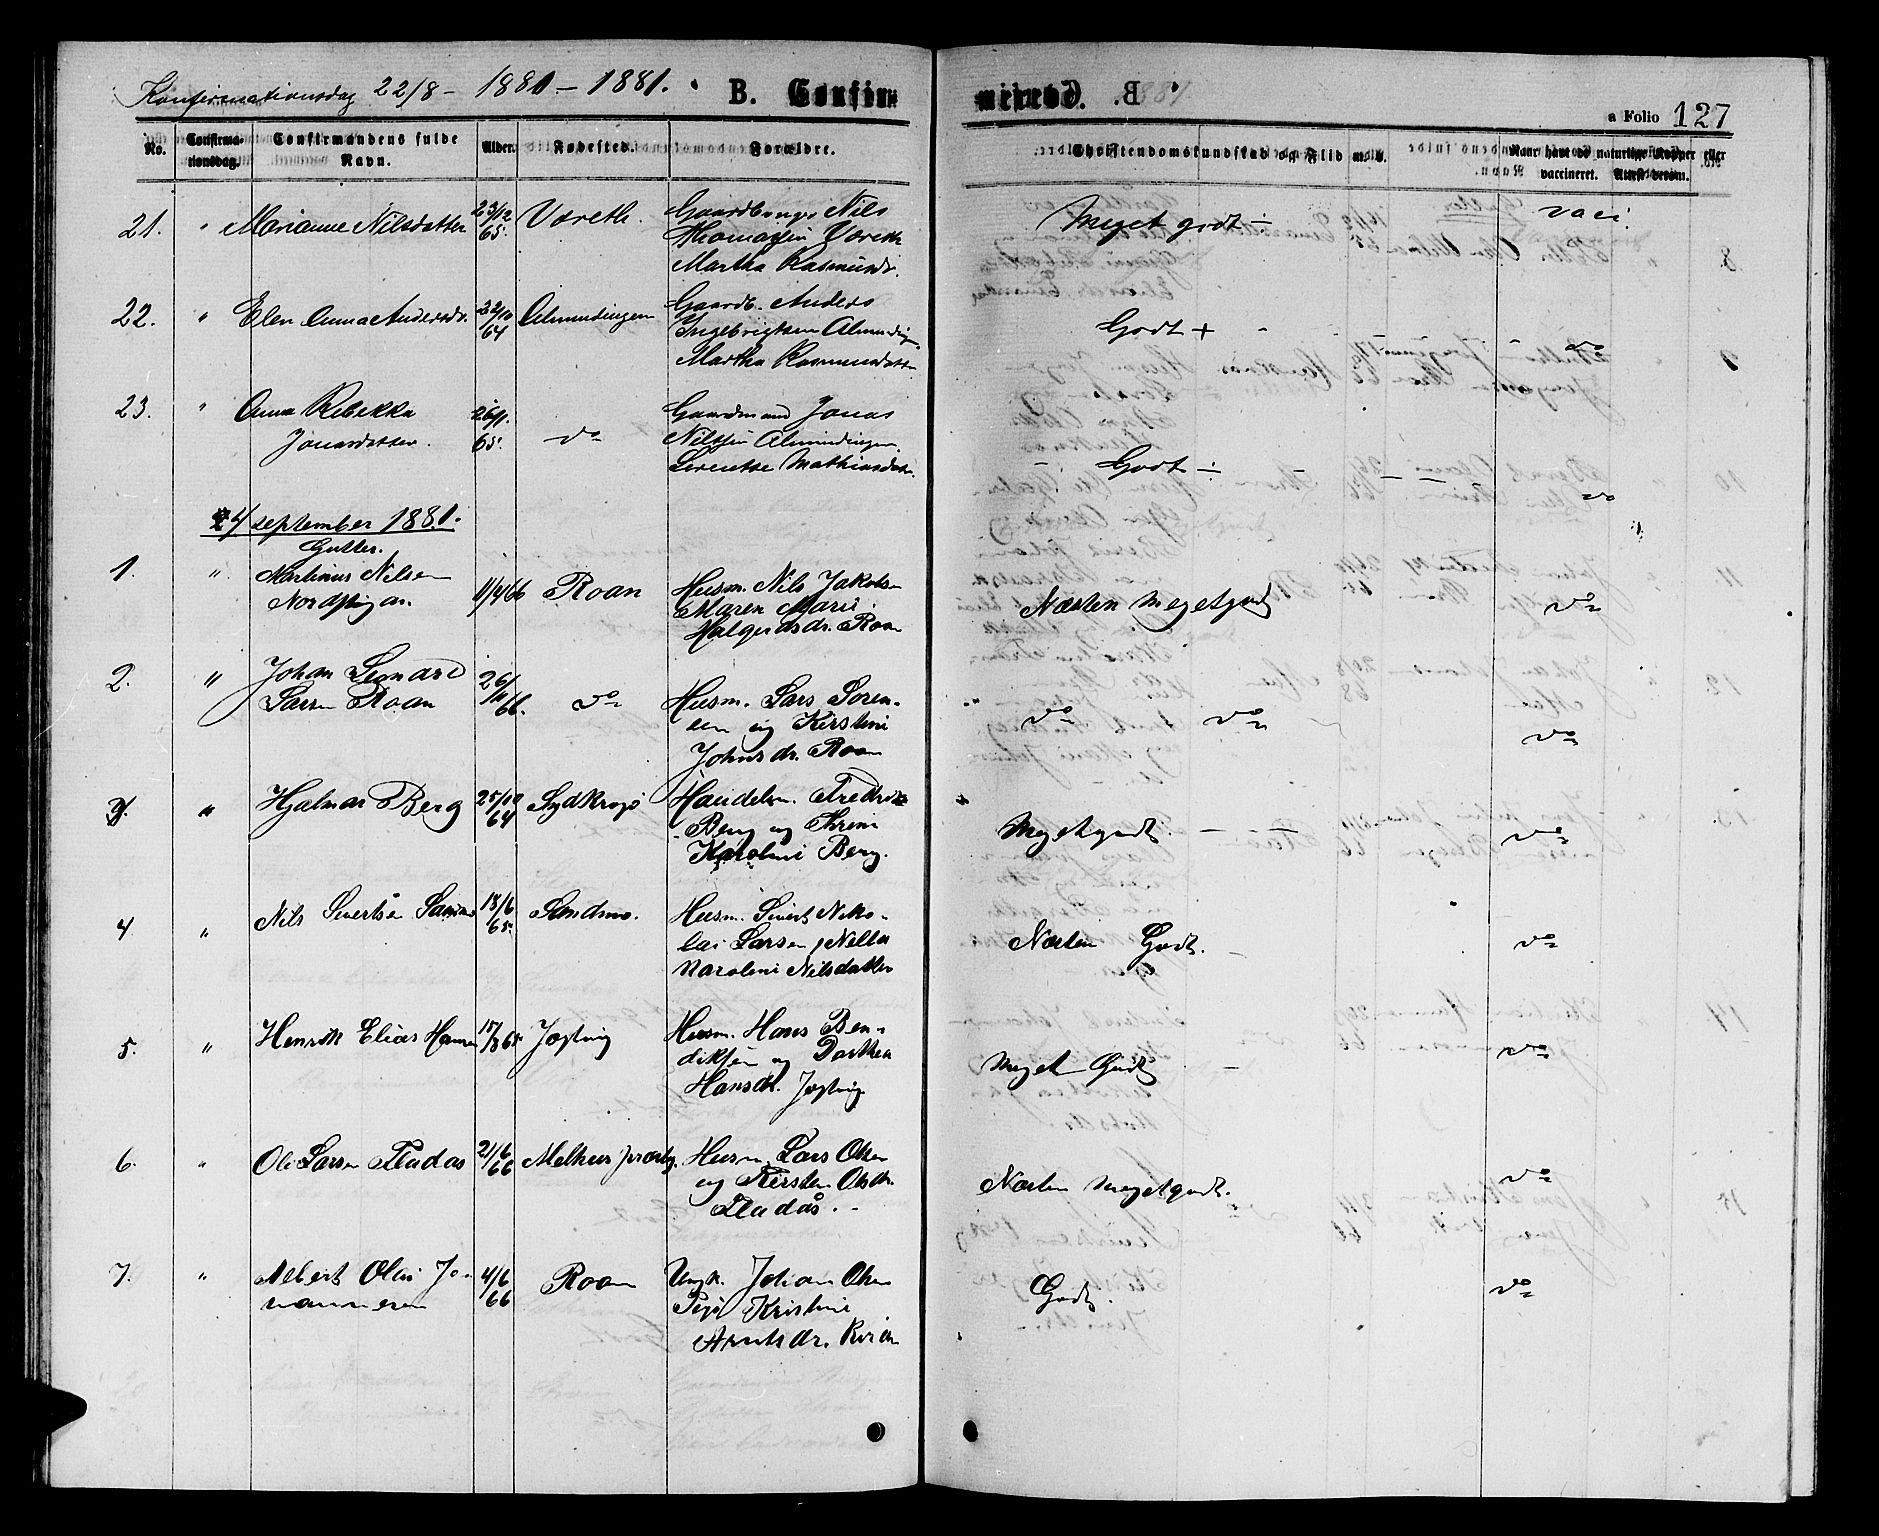 SAT, Ministerialprotokoller, klokkerbøker og fødselsregistre - Sør-Trøndelag, 657/L0715: Klokkerbok nr. 657C02, 1873-1888, s. 127